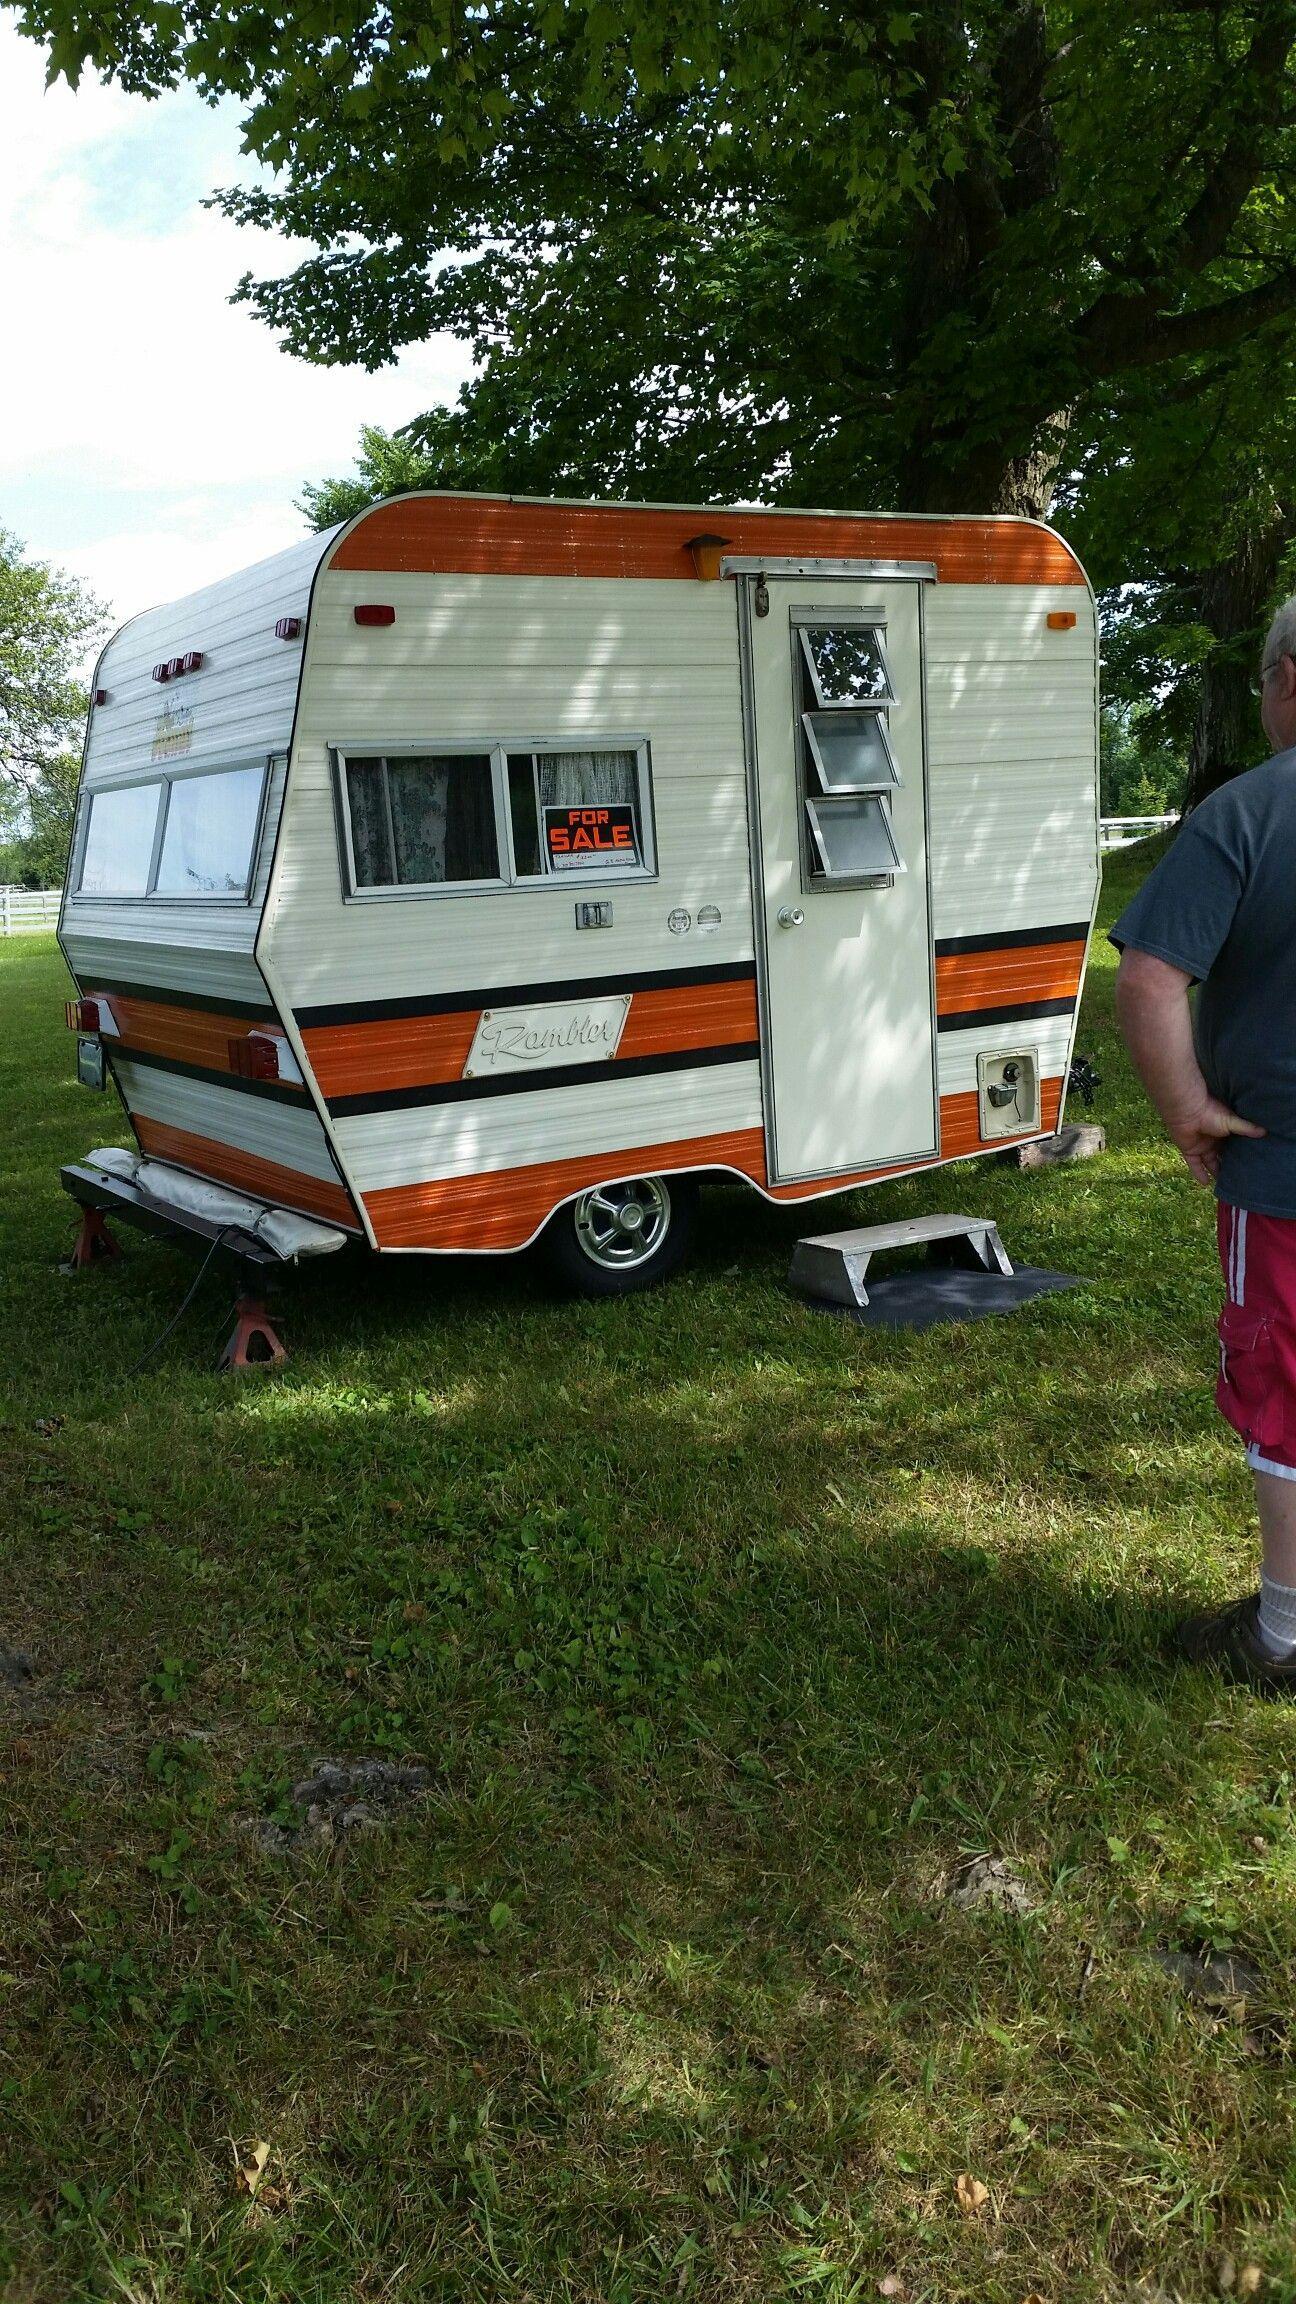 best small campers trailers camper van design camper camper trailers small camper trailers. Black Bedroom Furniture Sets. Home Design Ideas